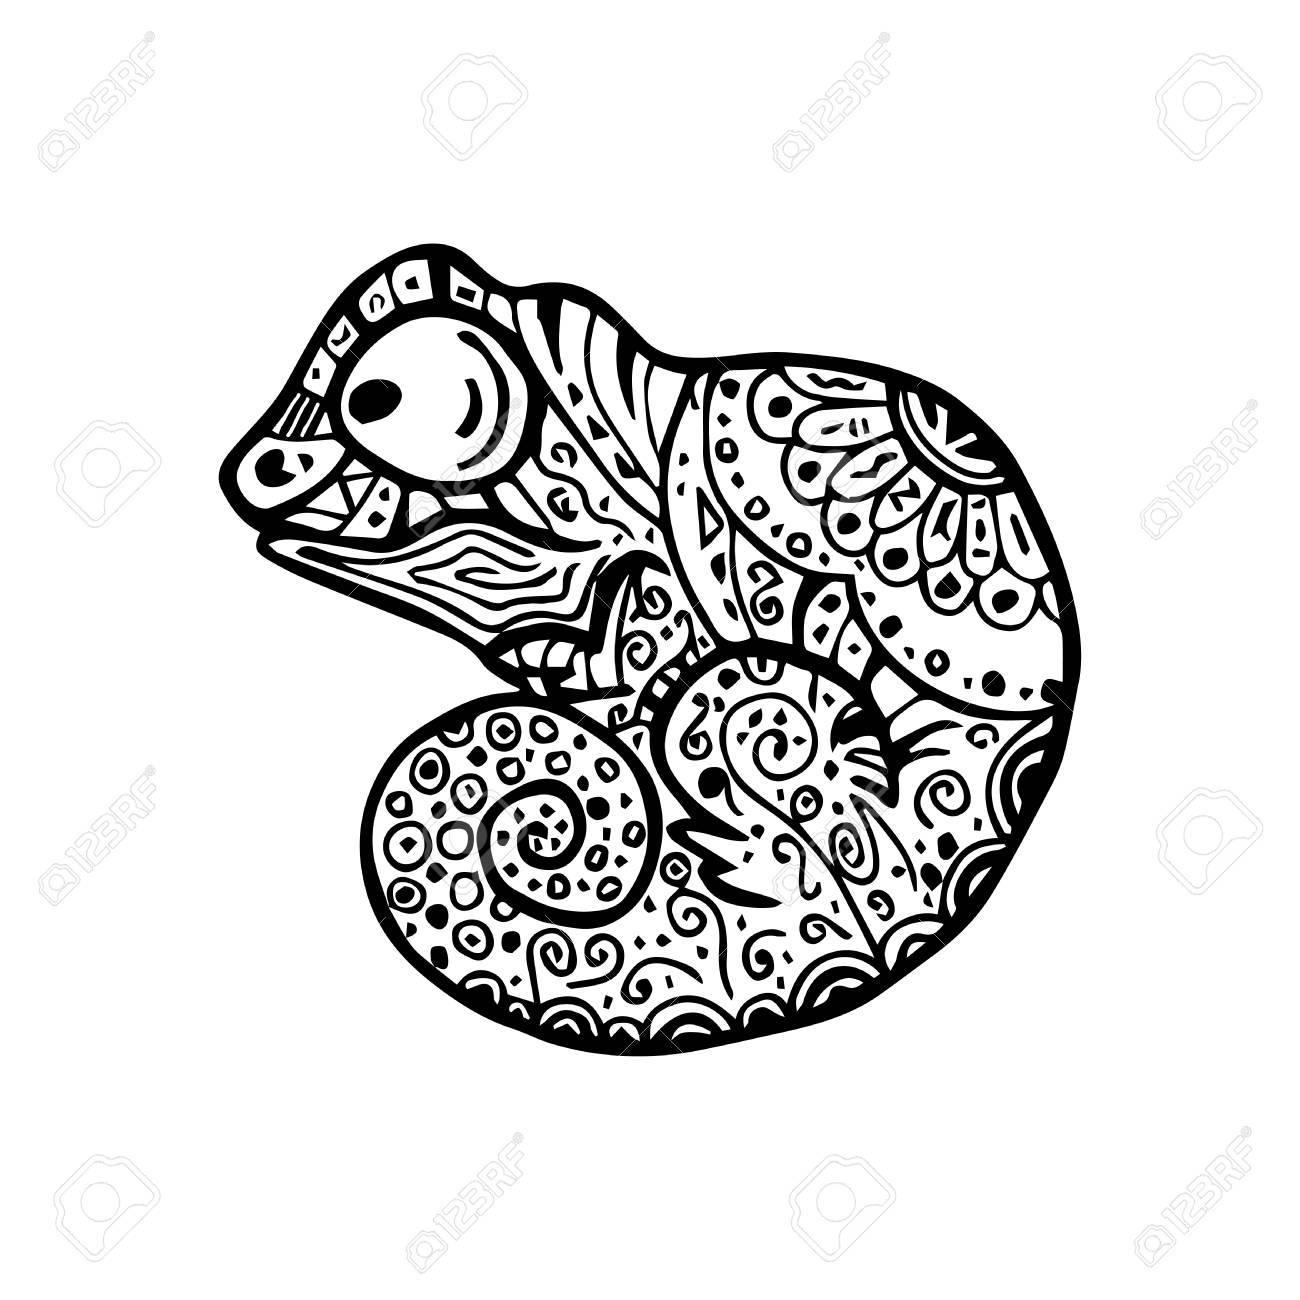 Ilustración Del Vector De Camaleón Con El Patrón Del Doodle. Dibujo ...